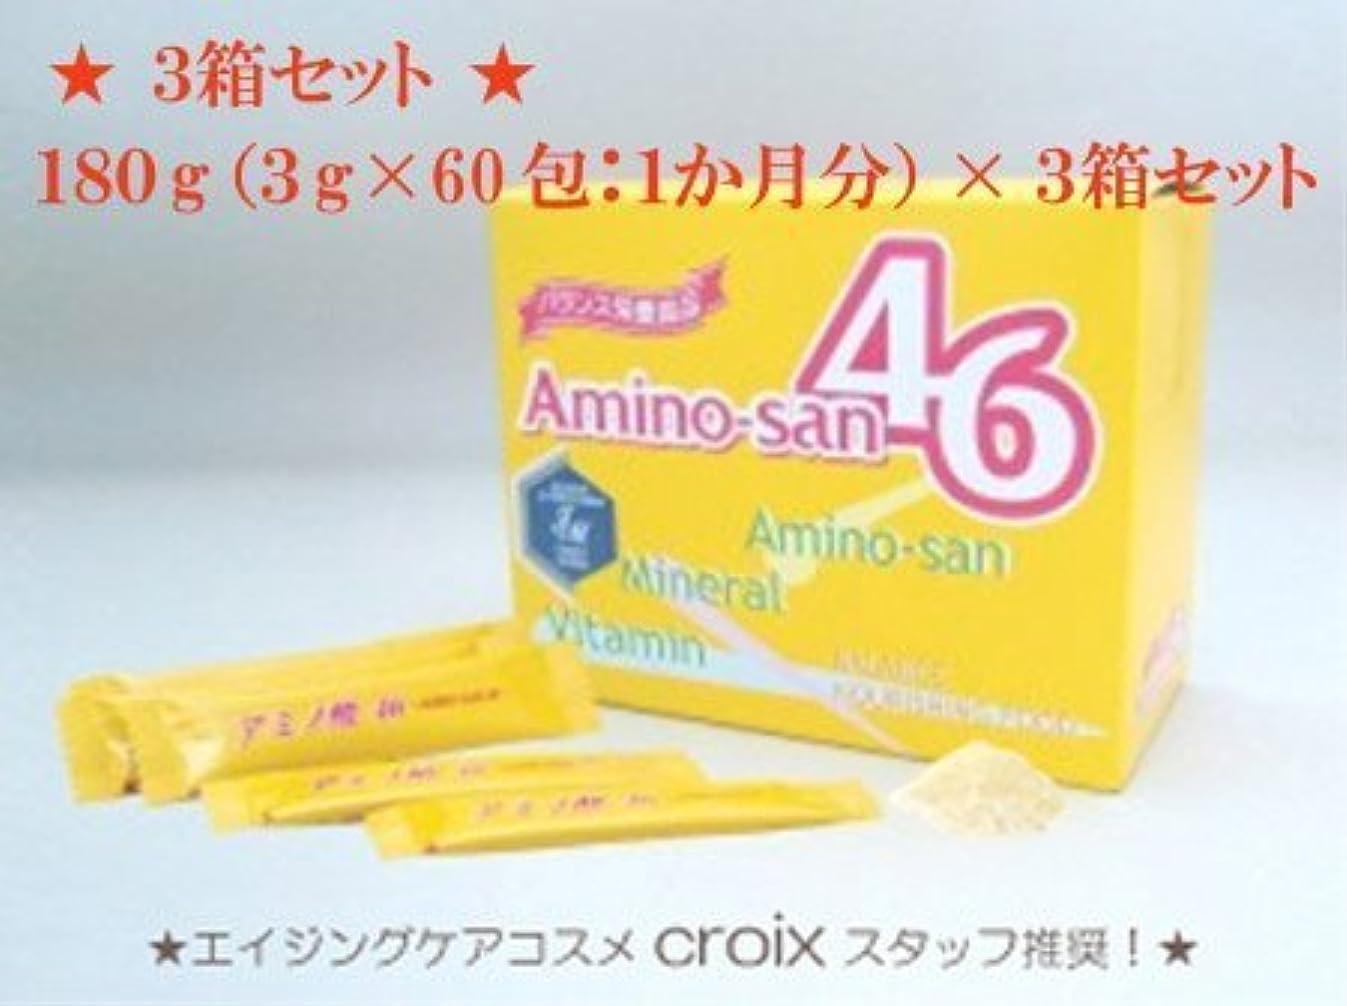 含む困惑知事アミノ酸46 3g×60本(1か月分)×6箱セット ポーレン(蜂蜜花粉)含有サプリメント